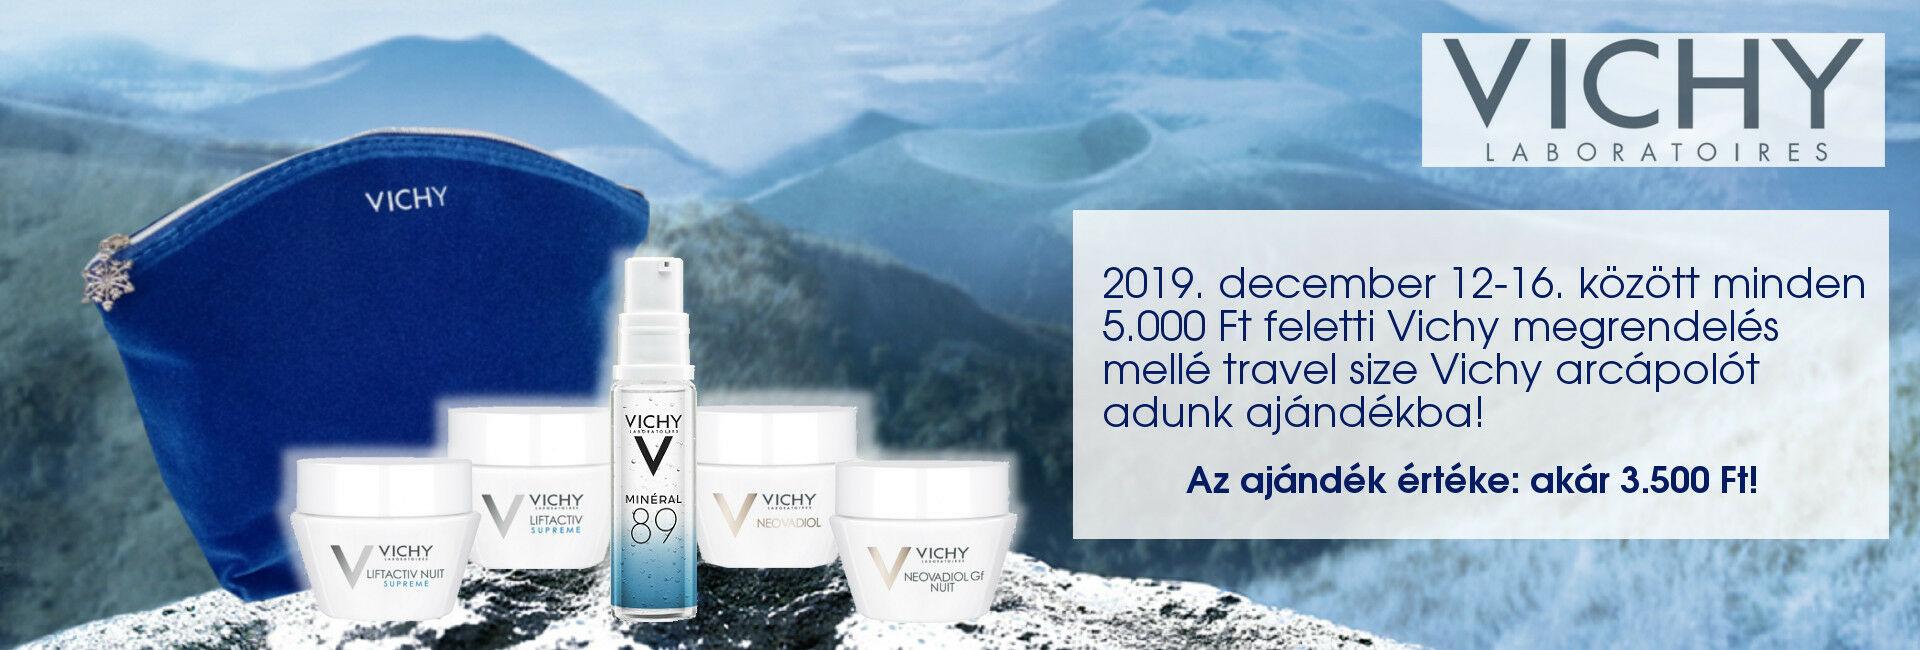 2019. december 12-16. között minden 5.000 Ft feletti Vichy megrendelés mellé travel size Vichy arcápolót adunk ajándékba!